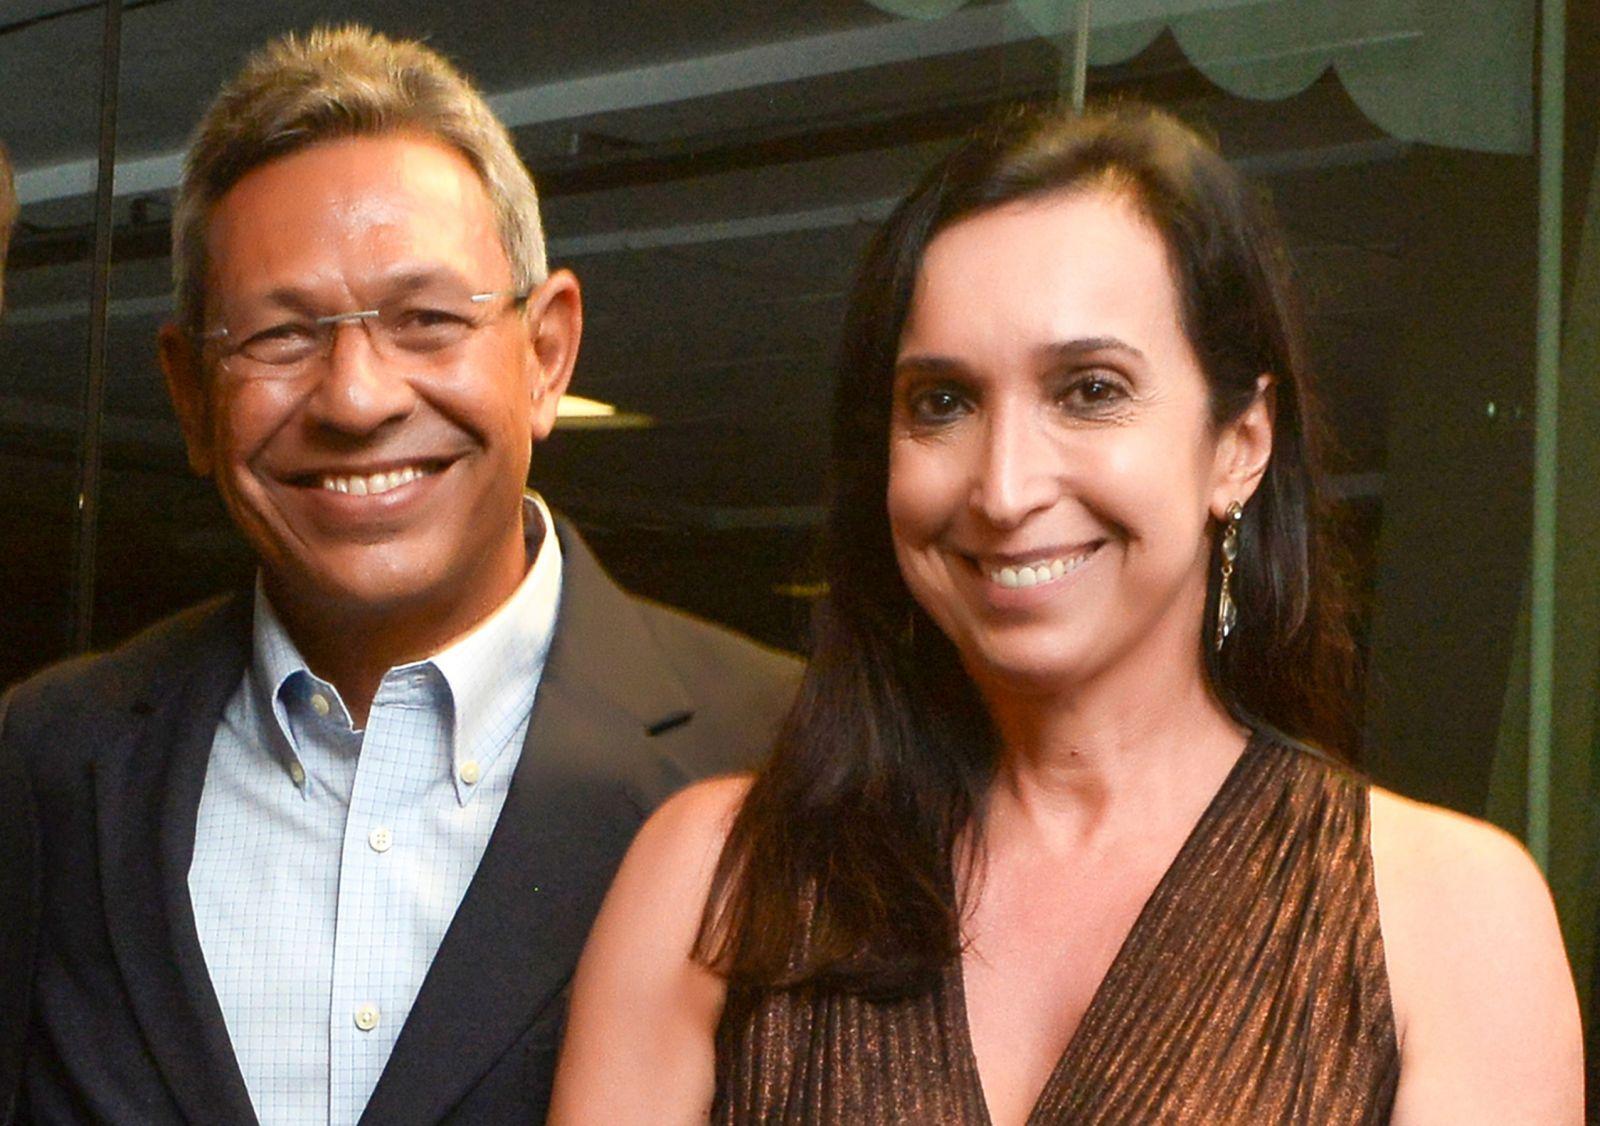 General Racine do Exército brasileiro e sua esposa Cristina Lima, o casal destaque de hoje dia 22/05/2019